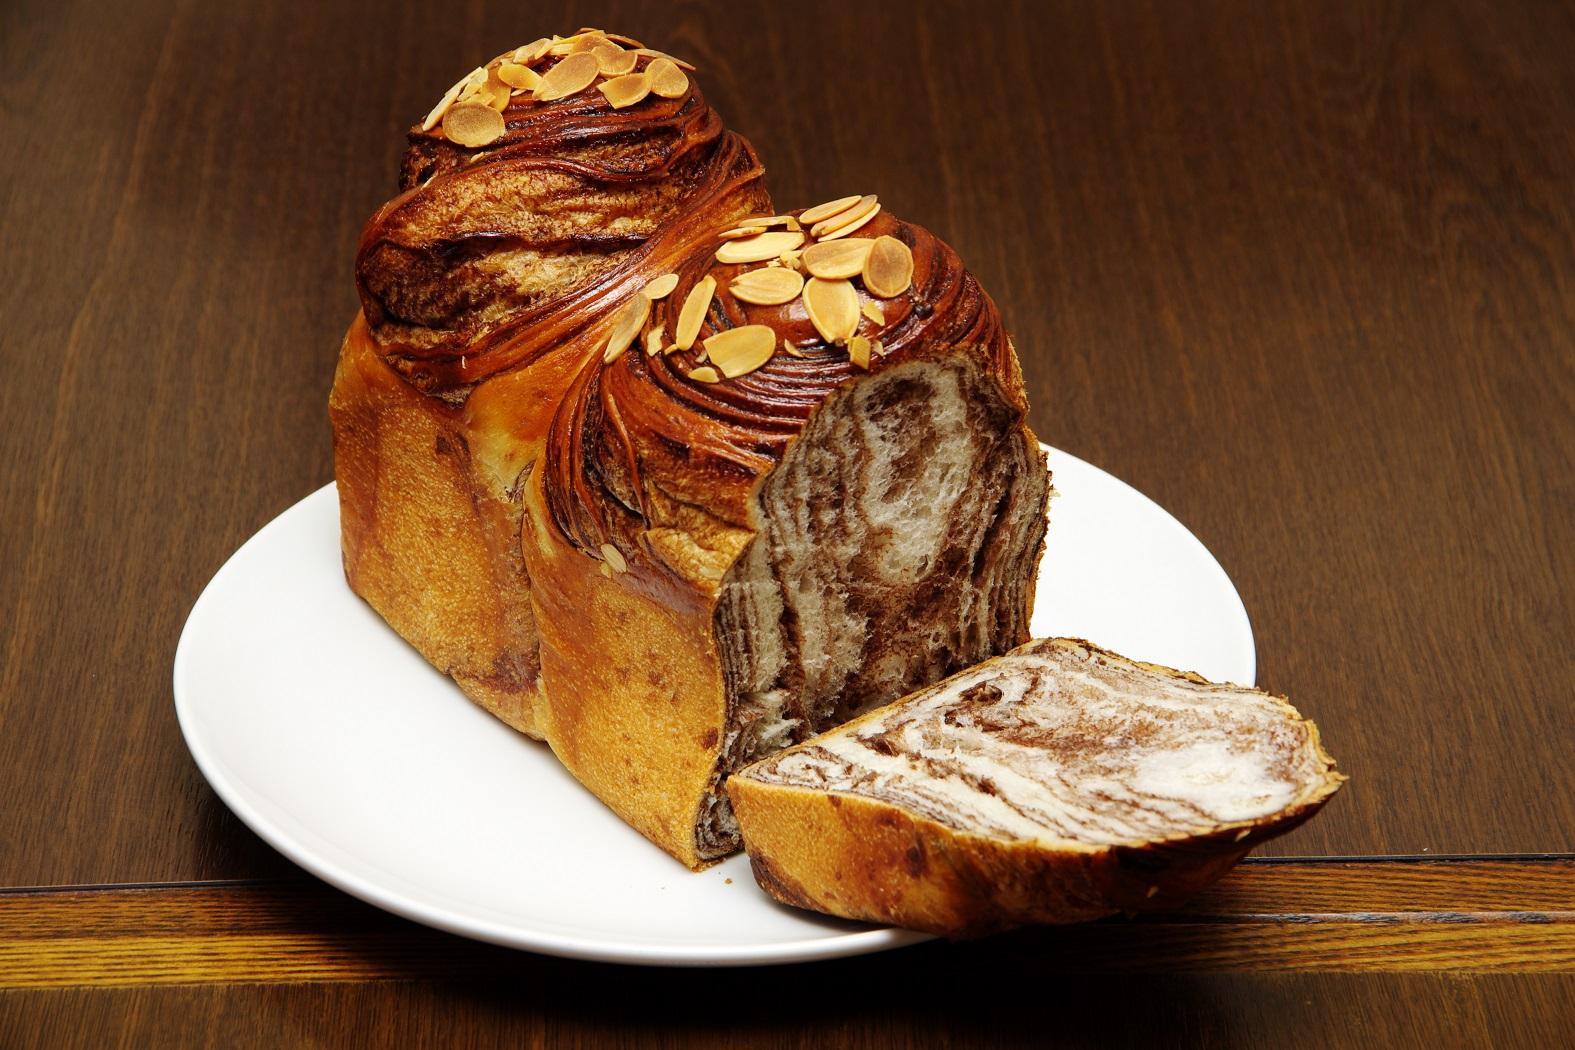 人気ラーメン店で本格無添加手作りパンが食べられるんですってば、奥様!